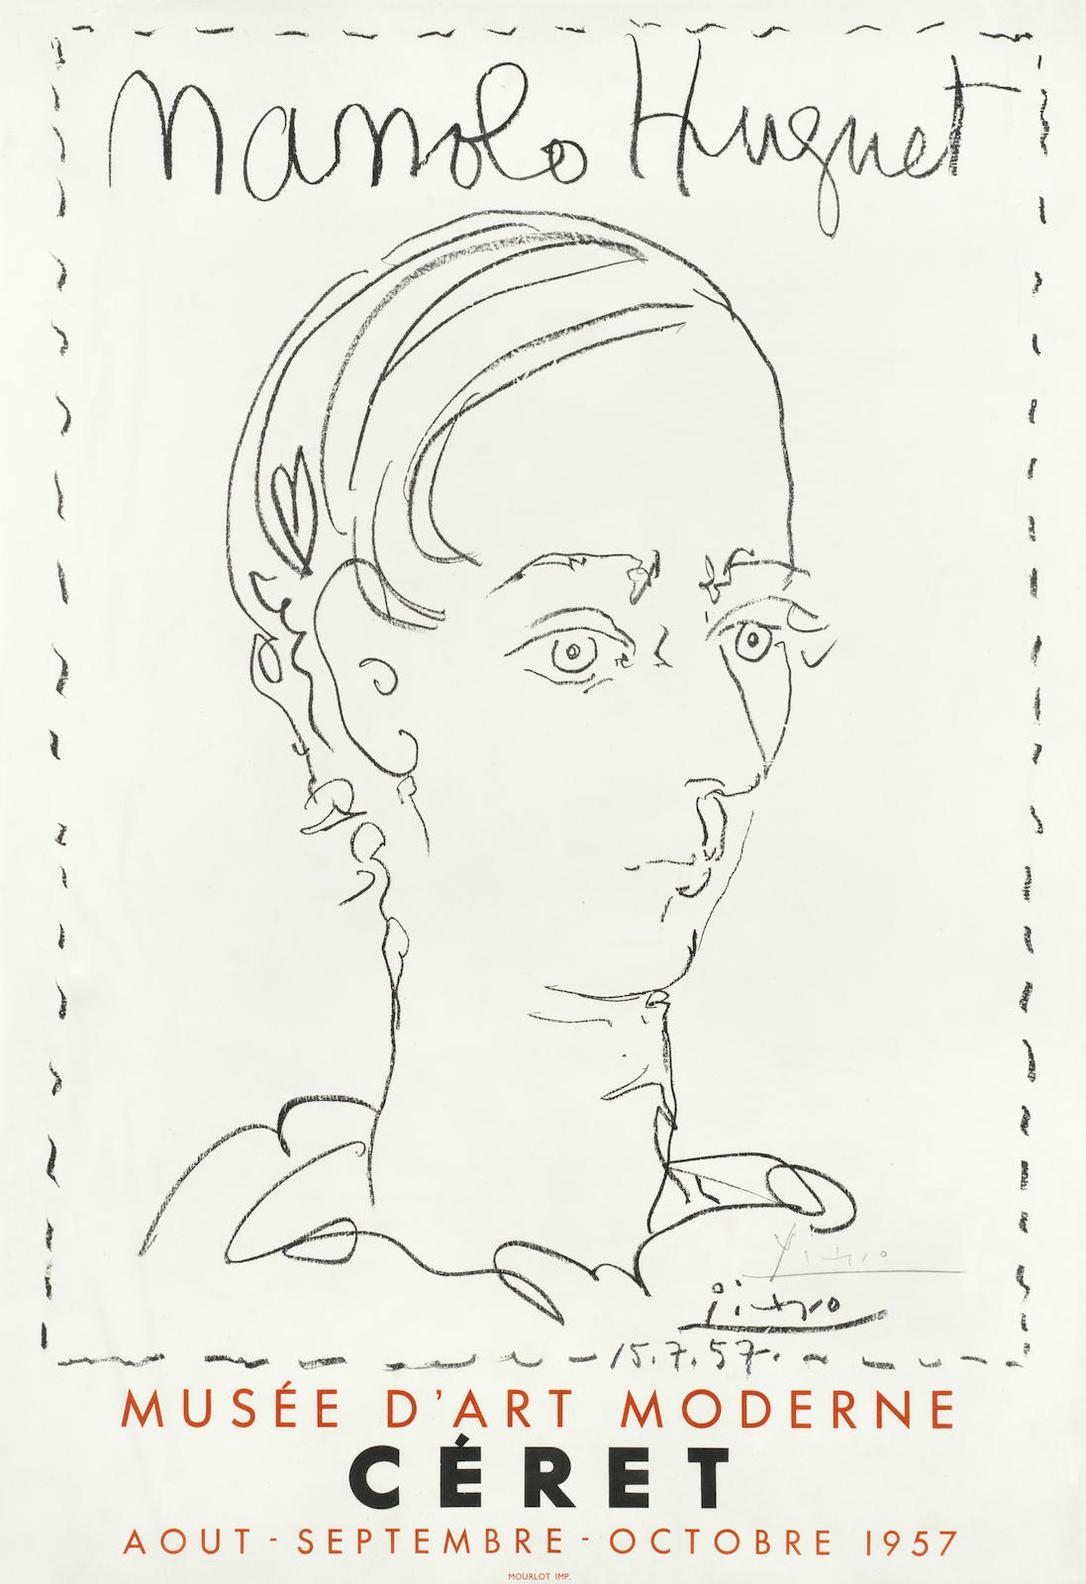 Pablo Picasso-Manolo Huguet-Affiche Pour Le Musee Dart Moderne, Ceret-1957